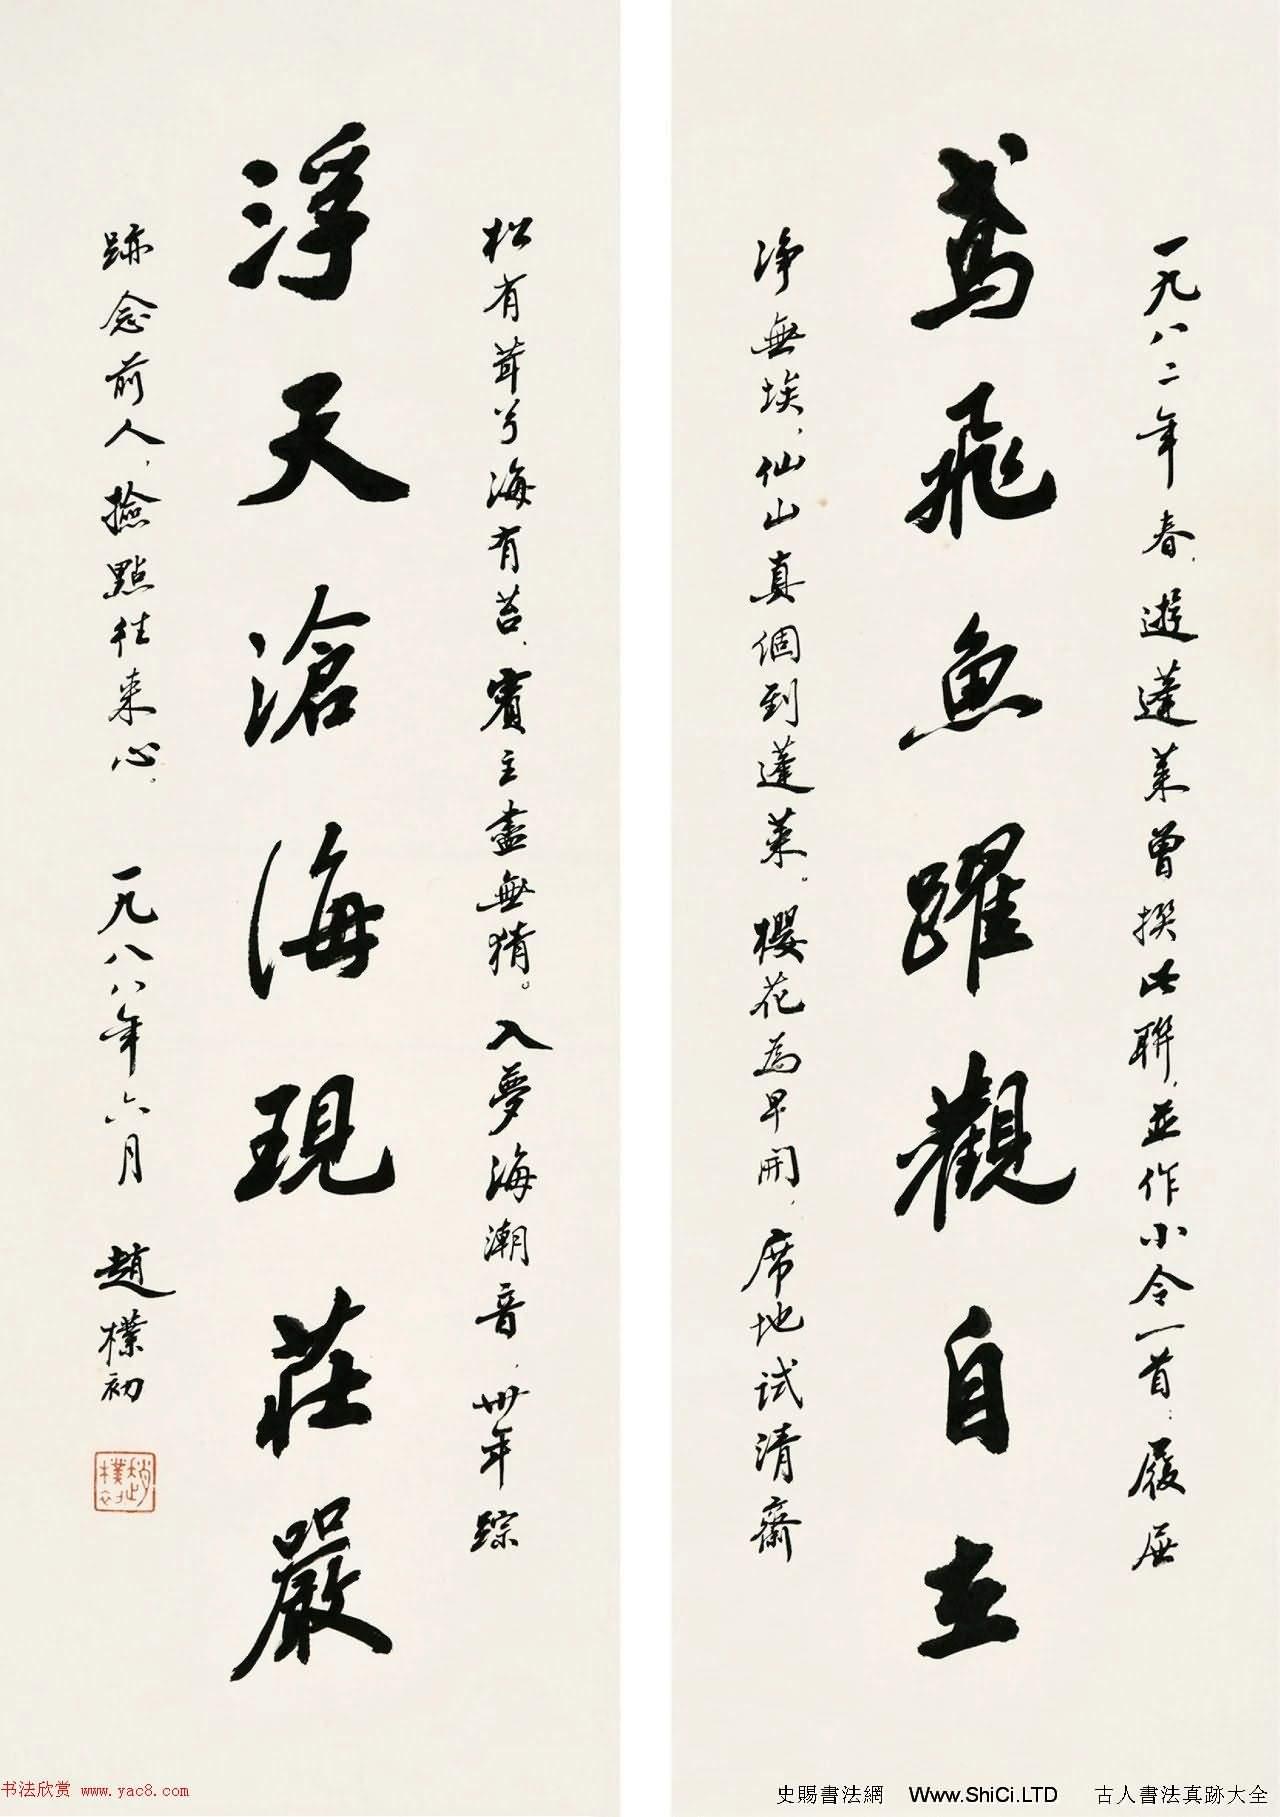 趙樸初書法墨跡拍品專輯(共12張圖片)